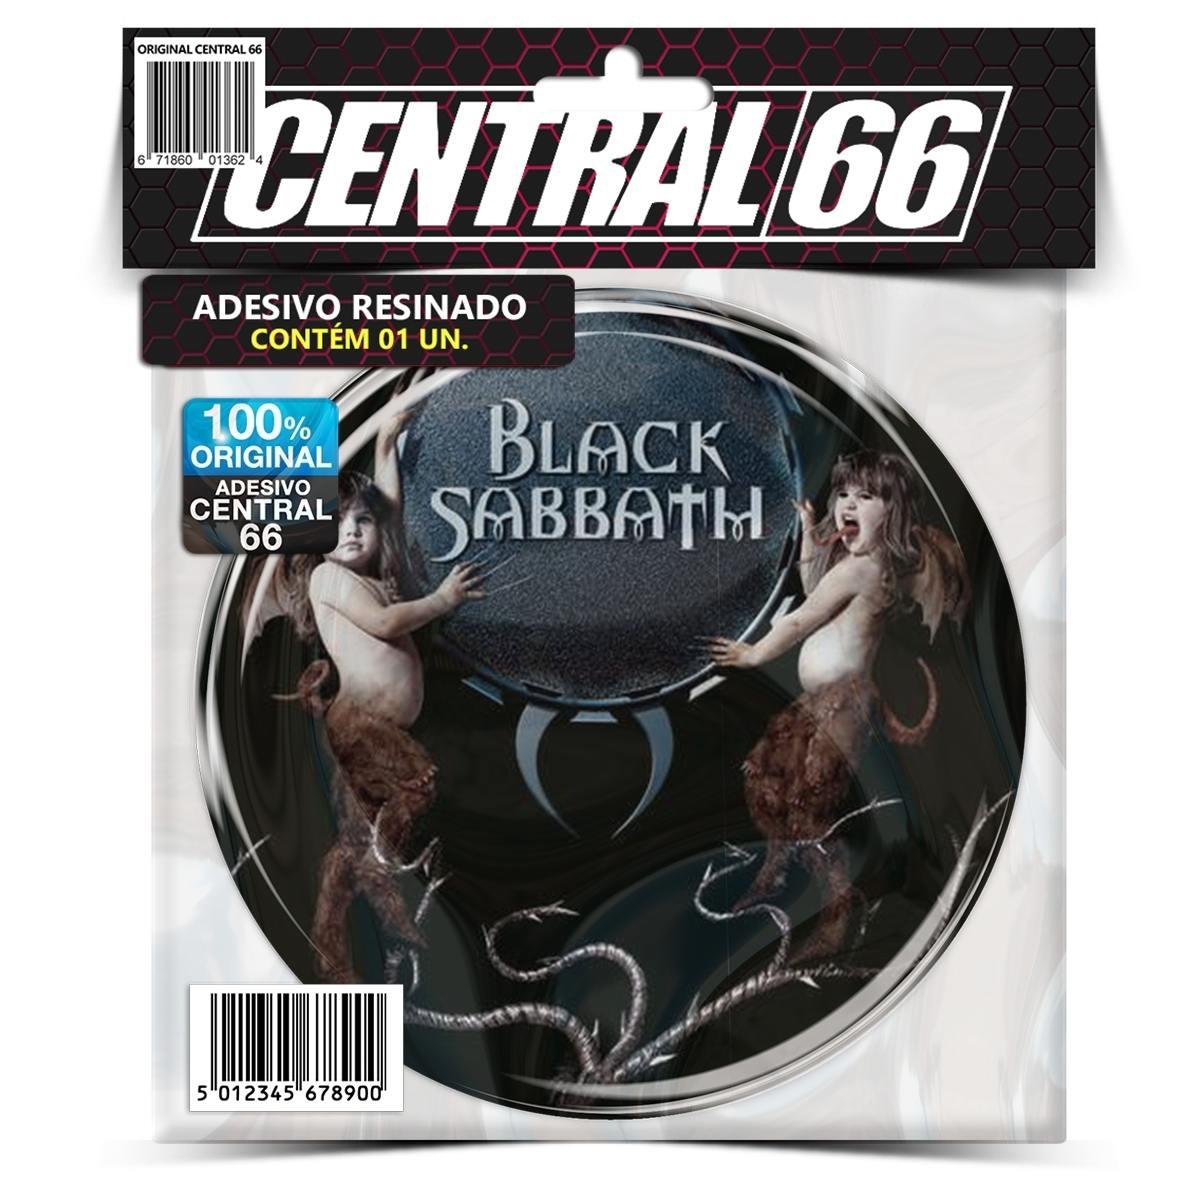 Adesivo Redondo Black Sabbath Reunion – Central 66